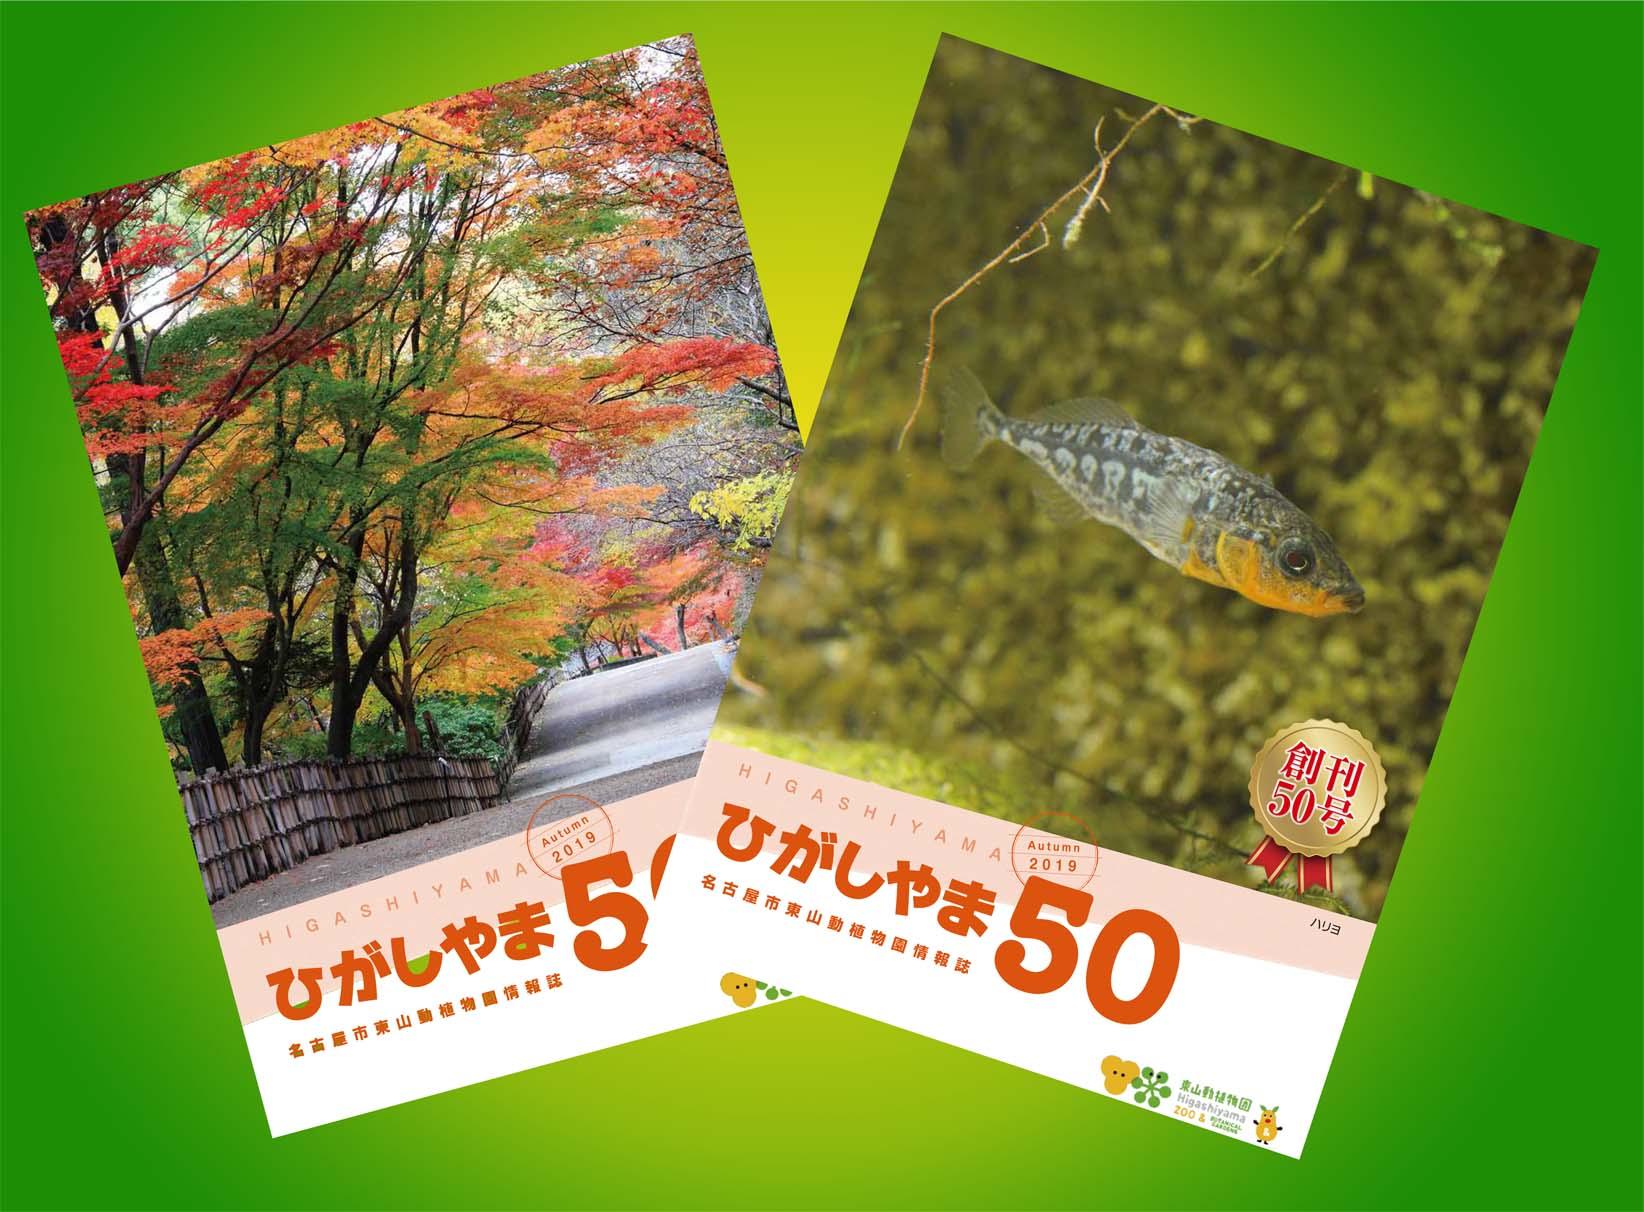 東山動植物園の情報誌ひがしやま50号を発行しました。